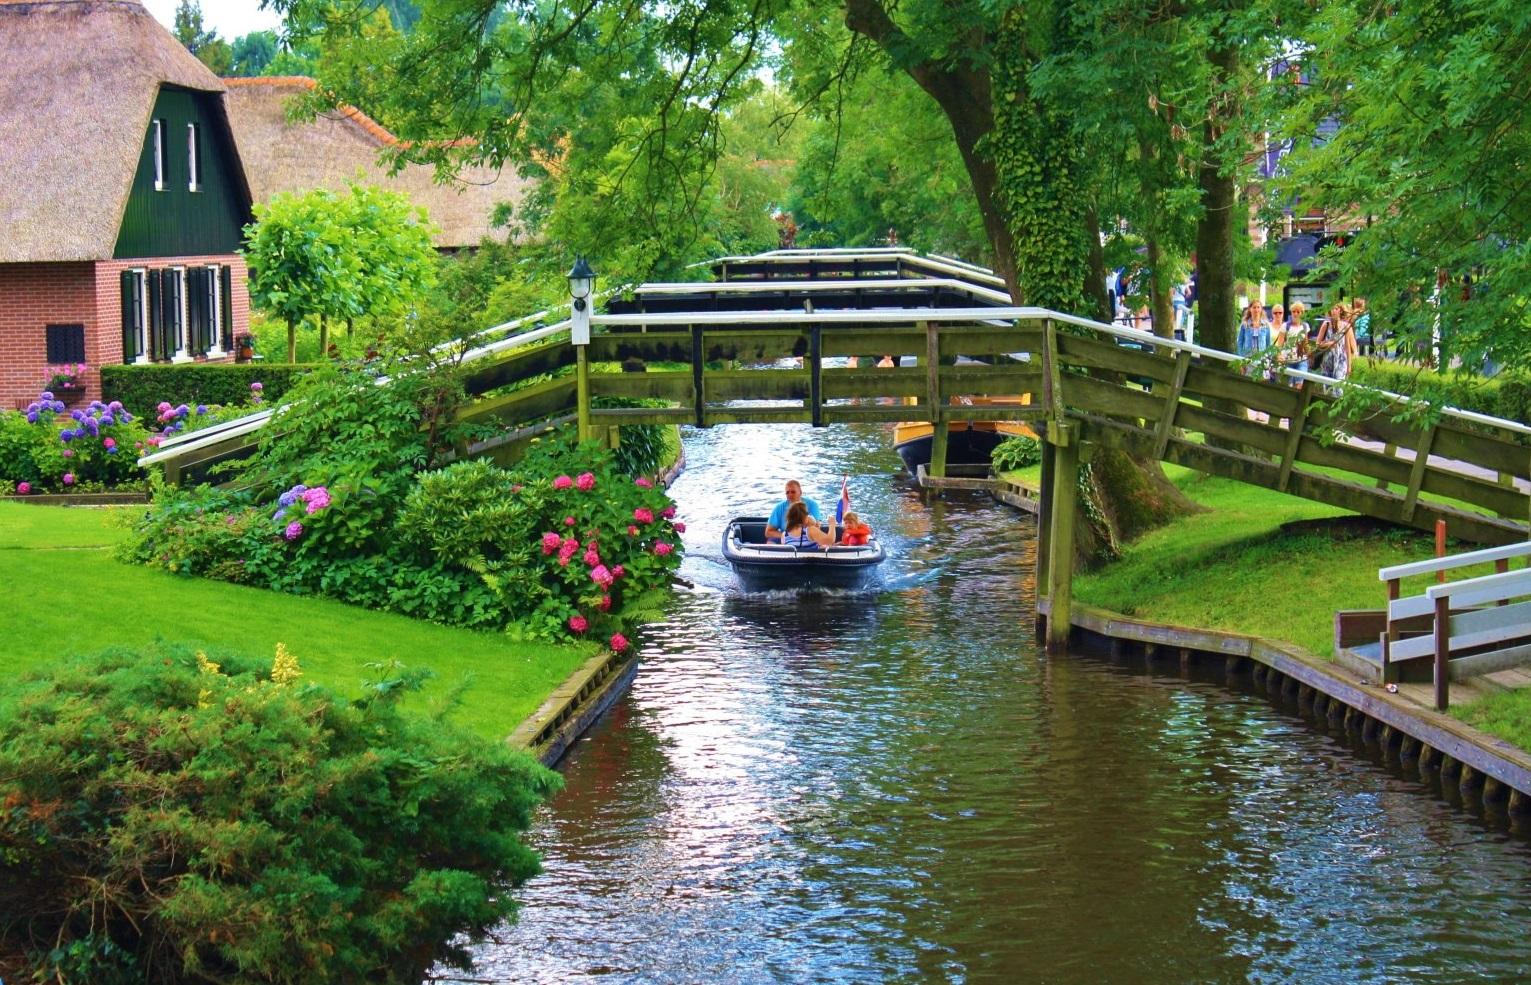 阿姆斯特丹(Amsterdam)-羊角村(Giethoorn)